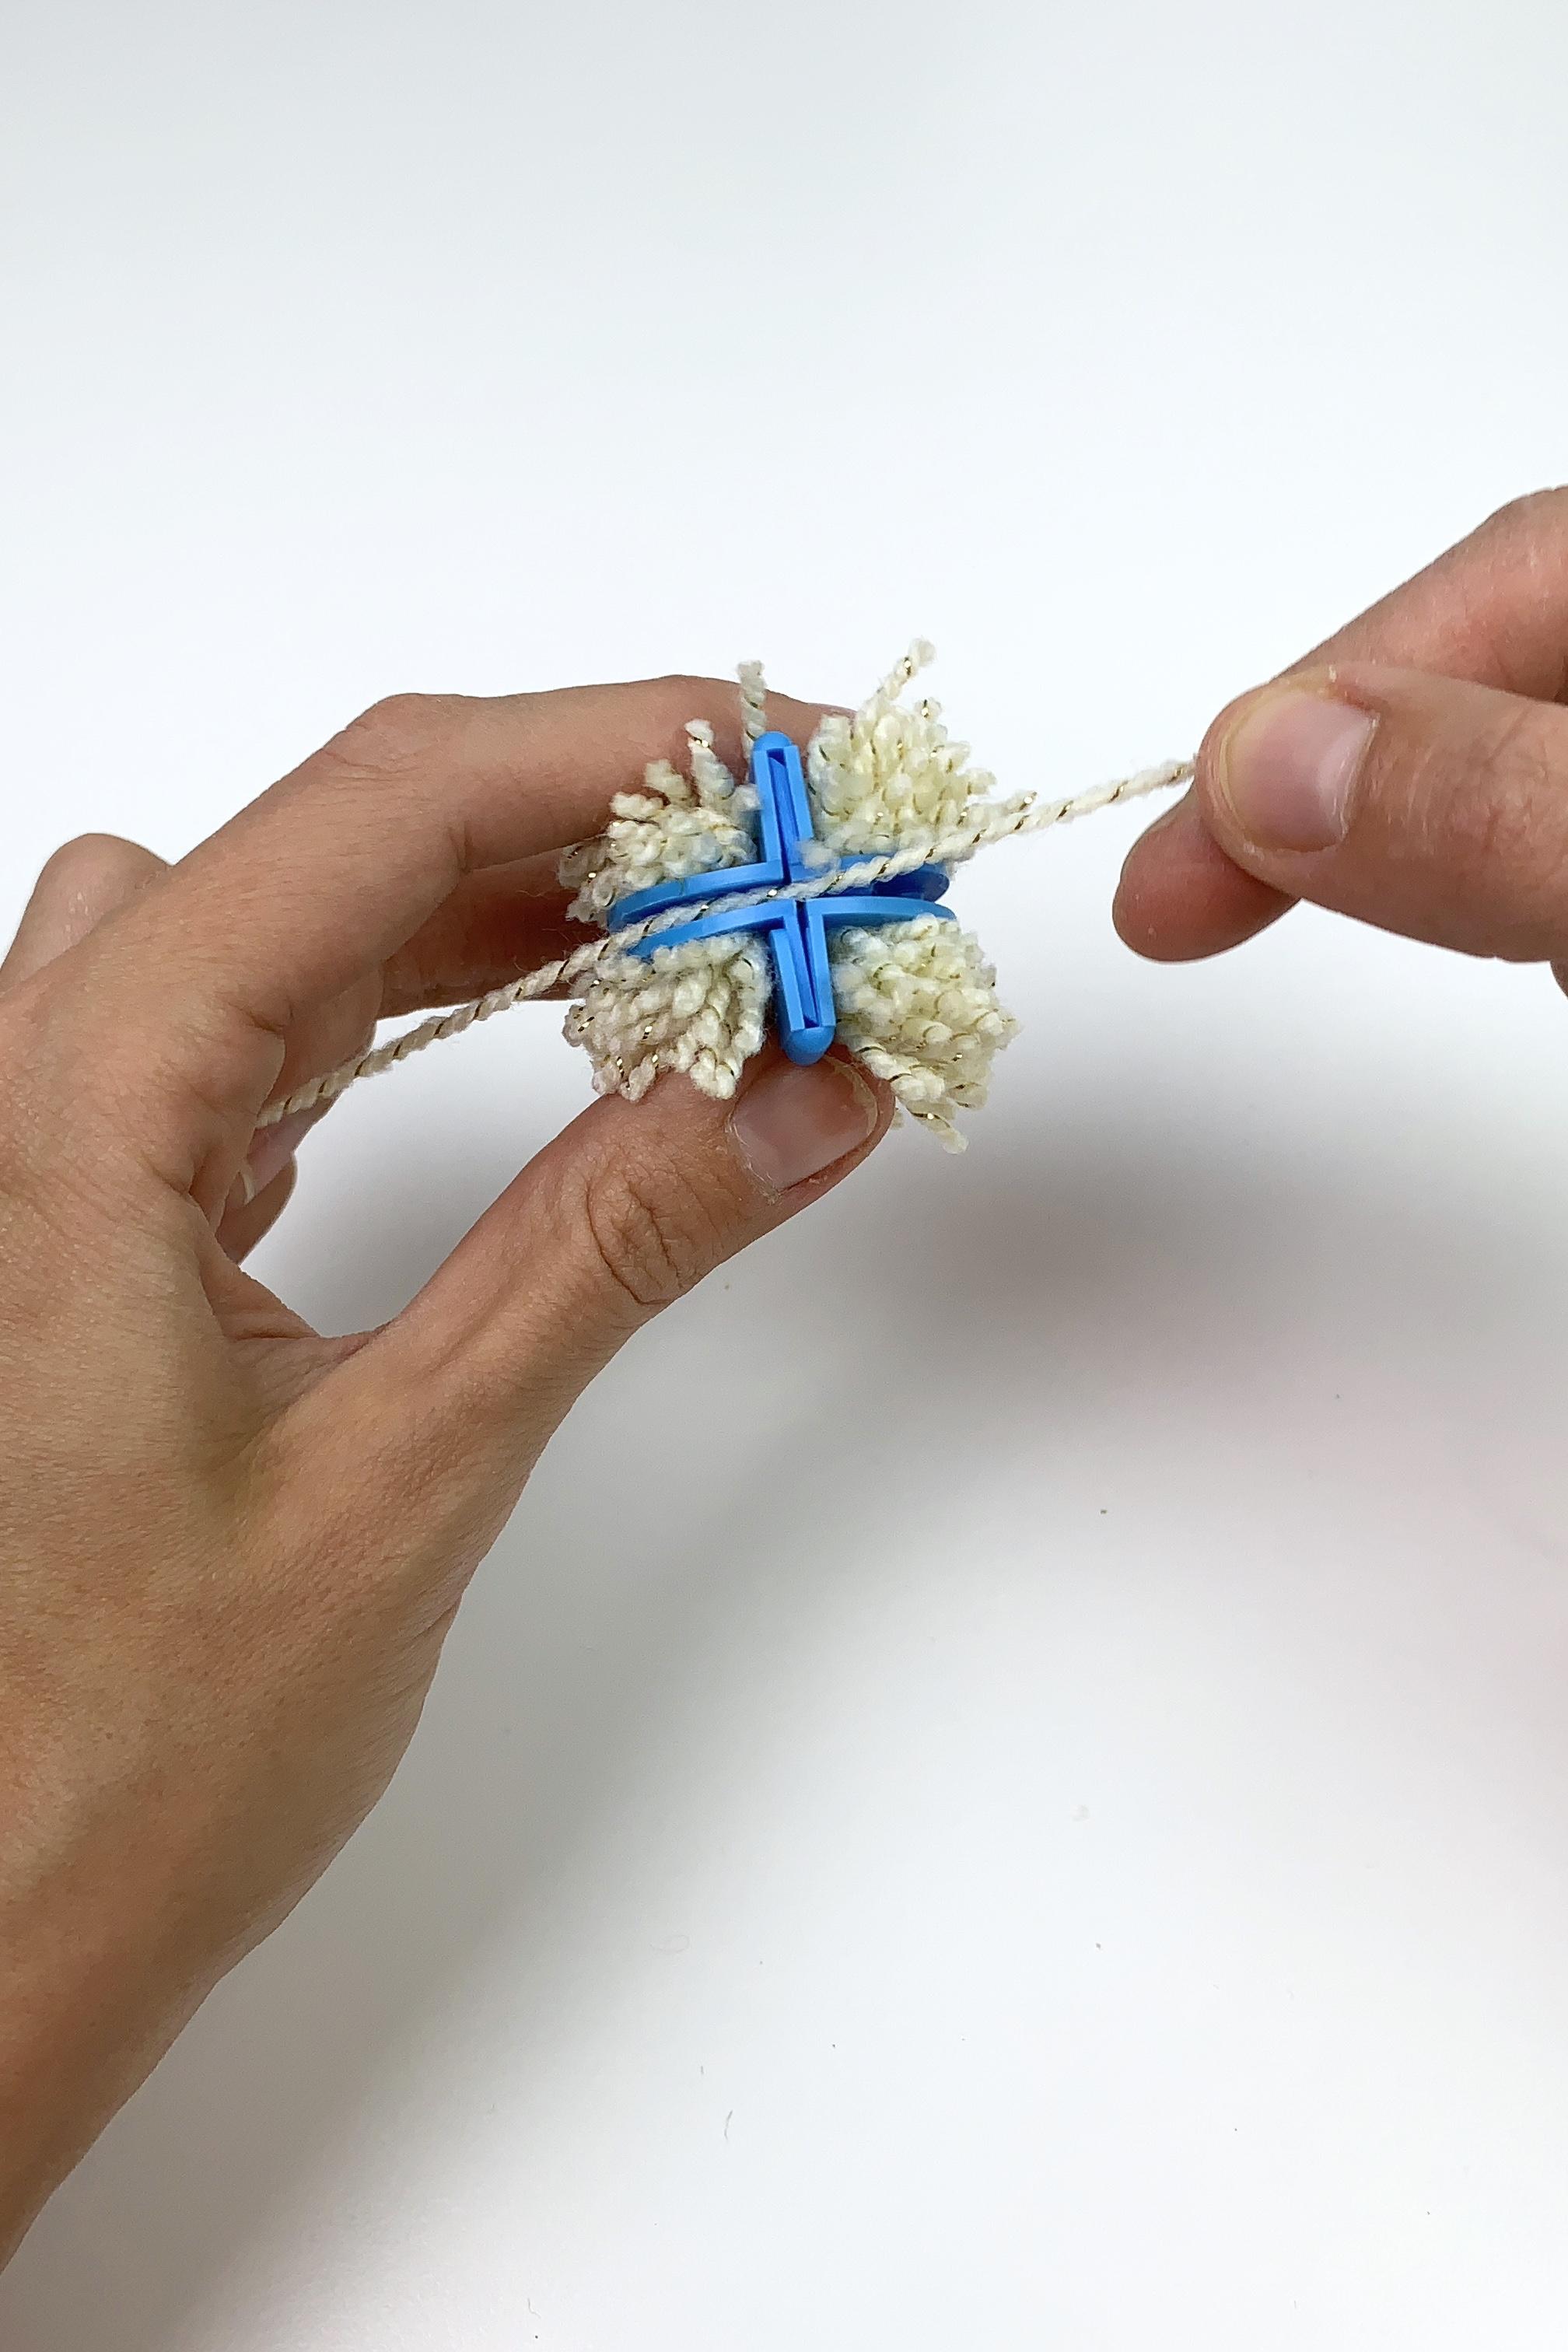 7. - Schneide ein langes Stück von der Wolle ab, führe den Faden an der Seite durch und mache einen Knoten.